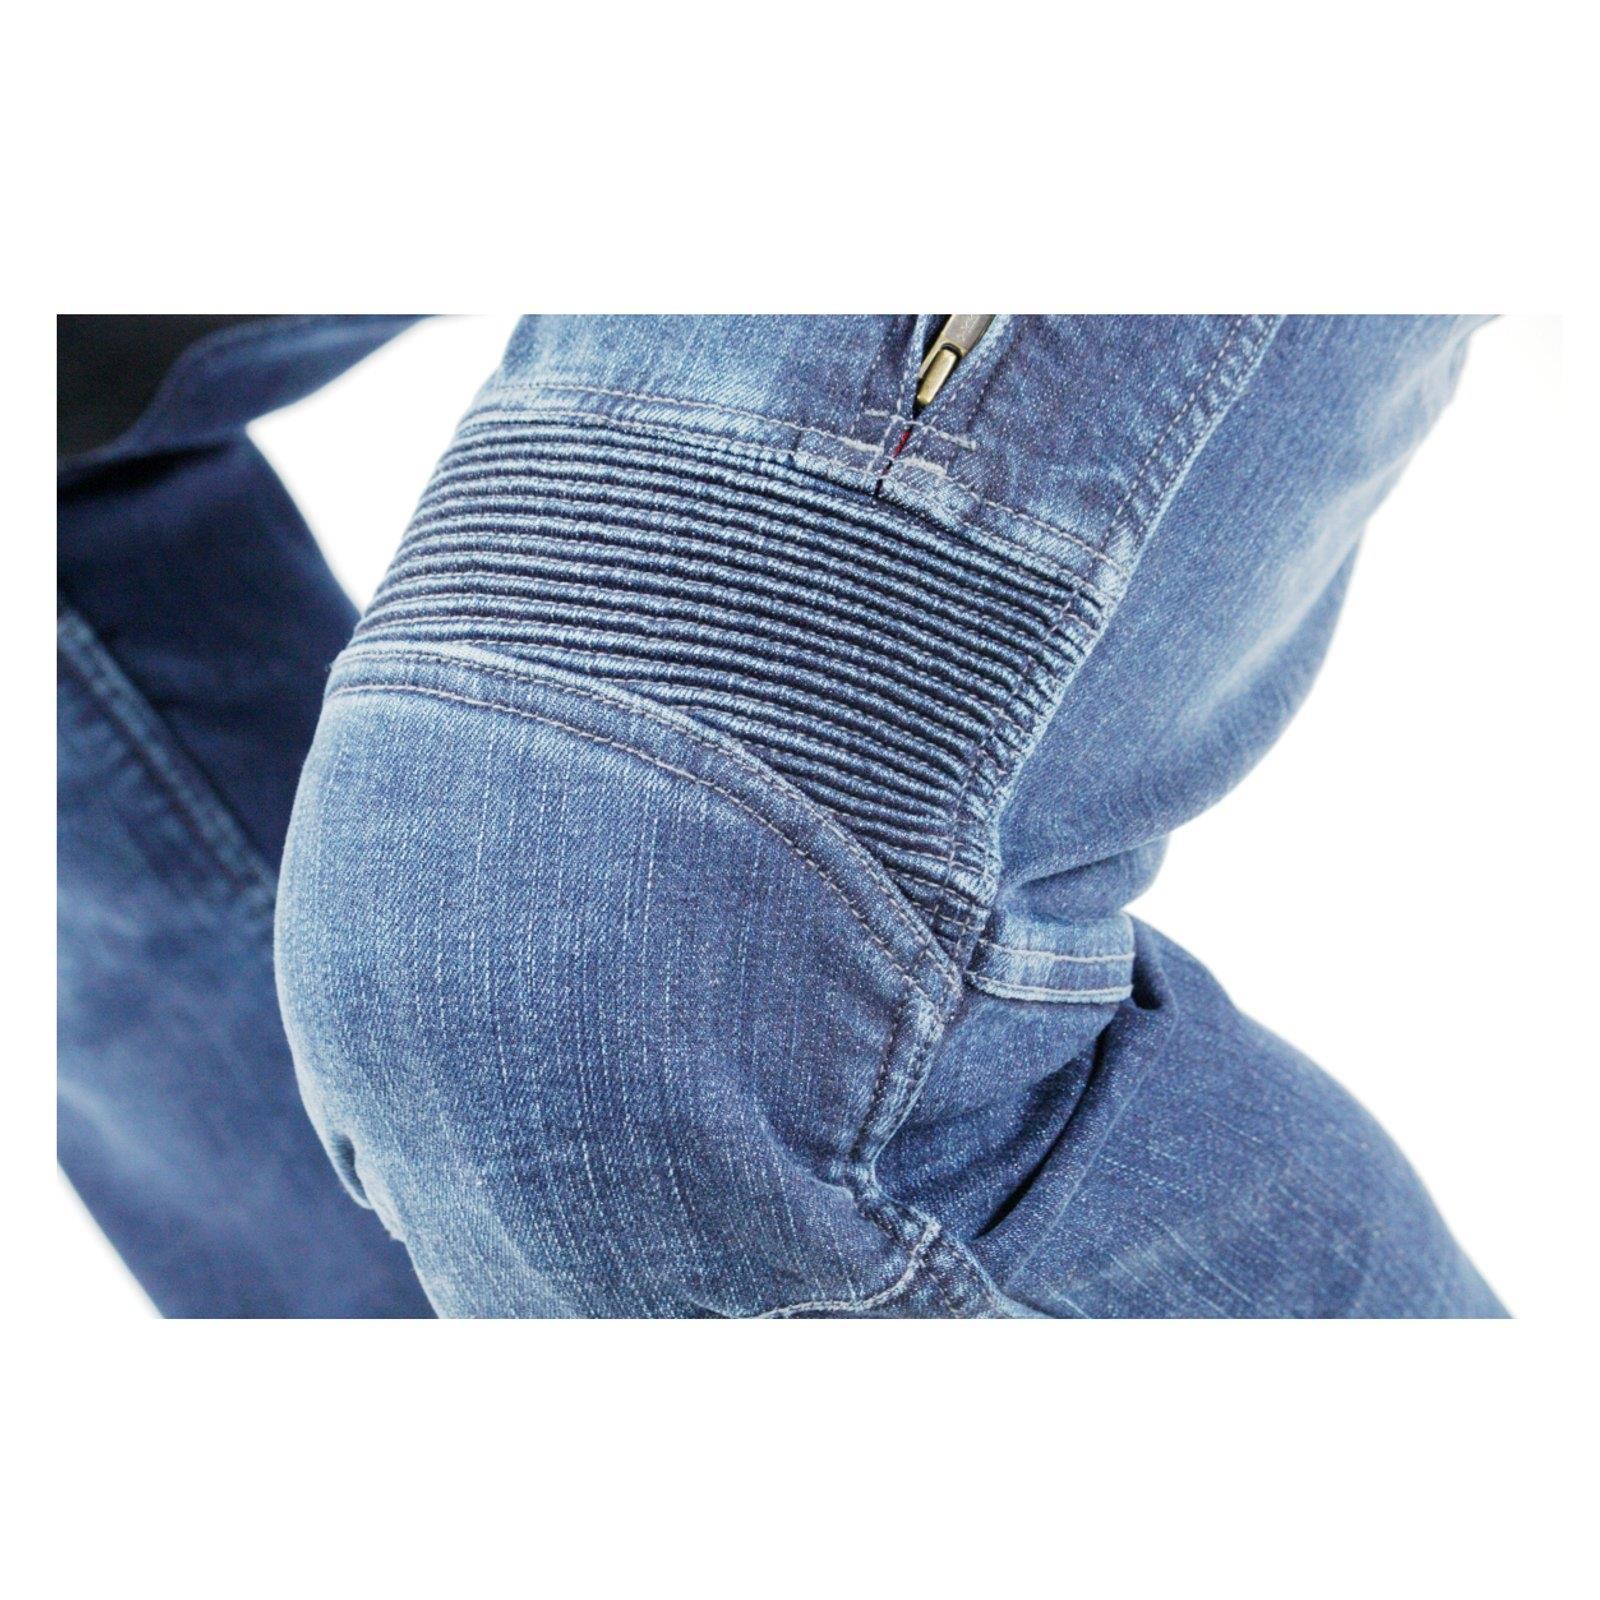 Trilobite-paradoxale-veste-pantalon-protecteur-incl-d-039-aramide-Moto-Jeans-Hommes-Femmes miniature 8